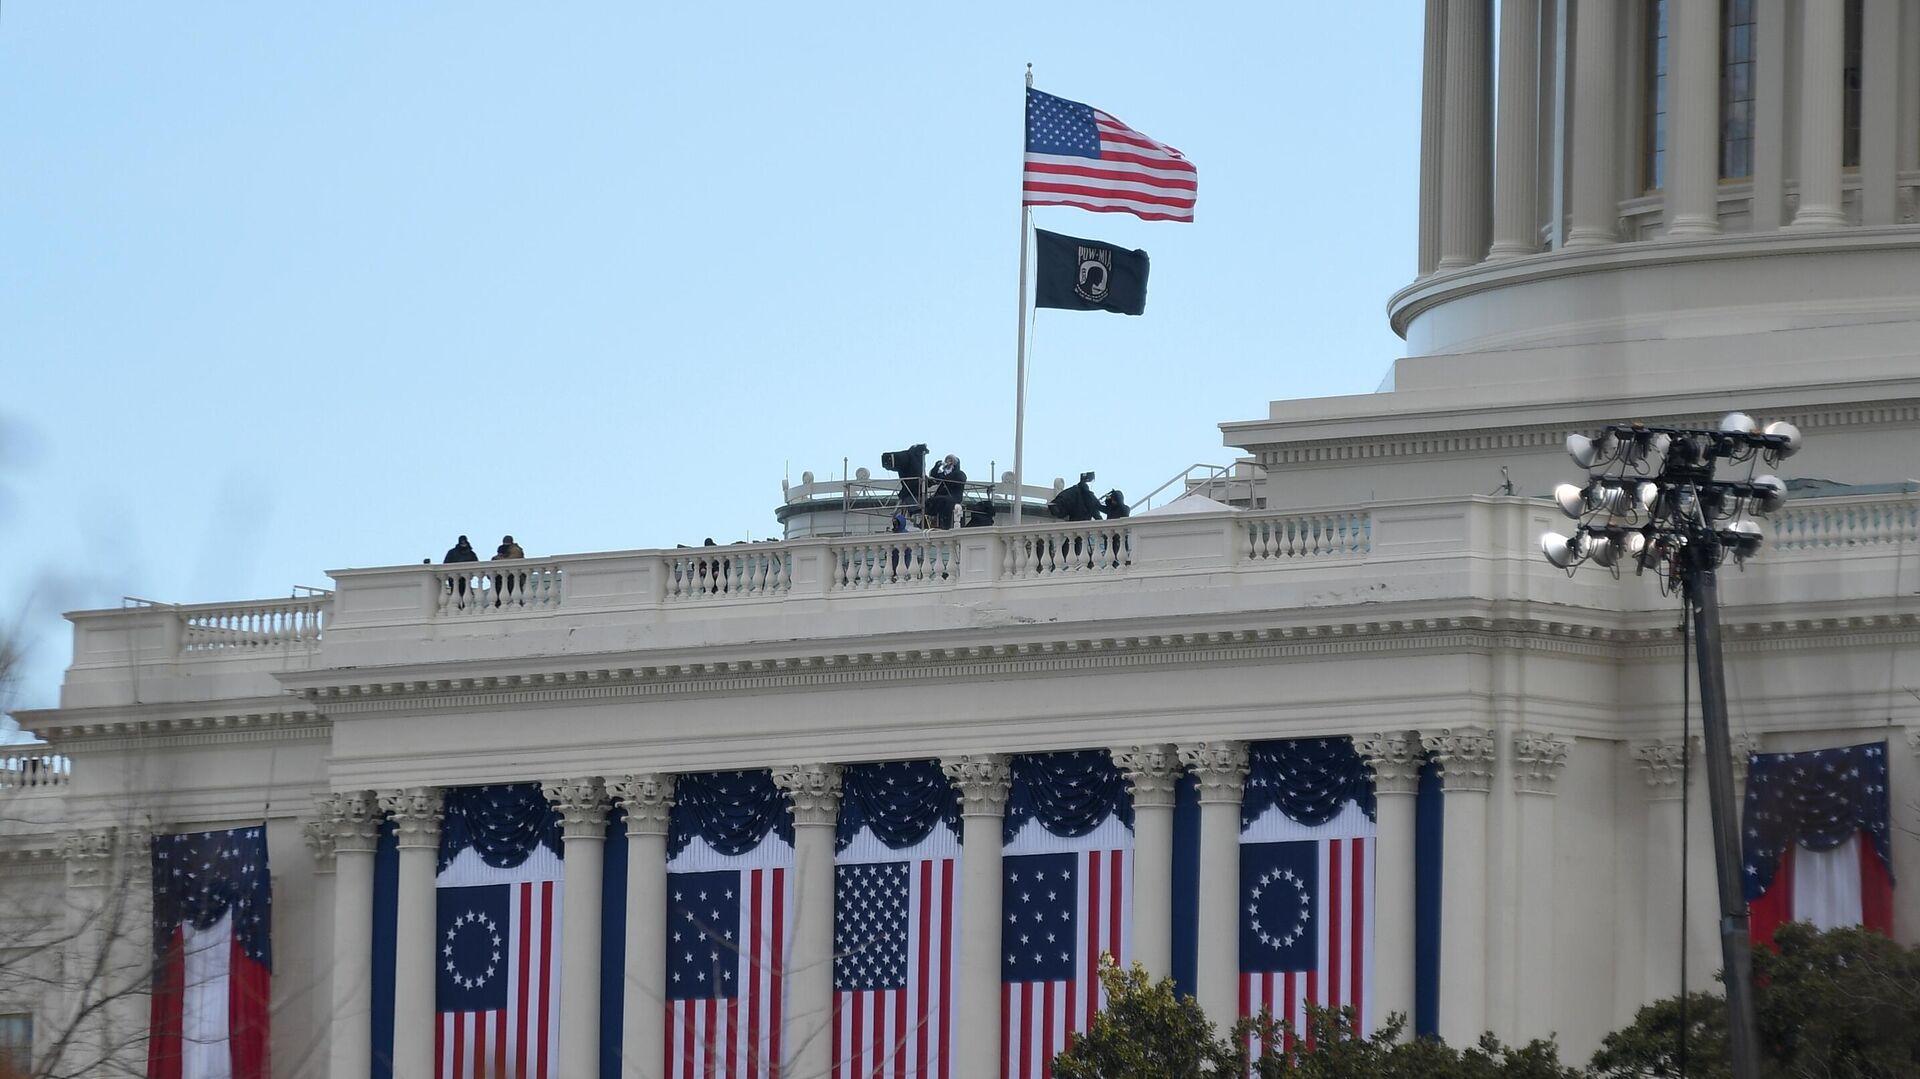 Здание Капитолия в Вашингтоне перед началом инаугурации избранного президента США Джл Байдена - РИА Новости, 1920, 05.03.2021